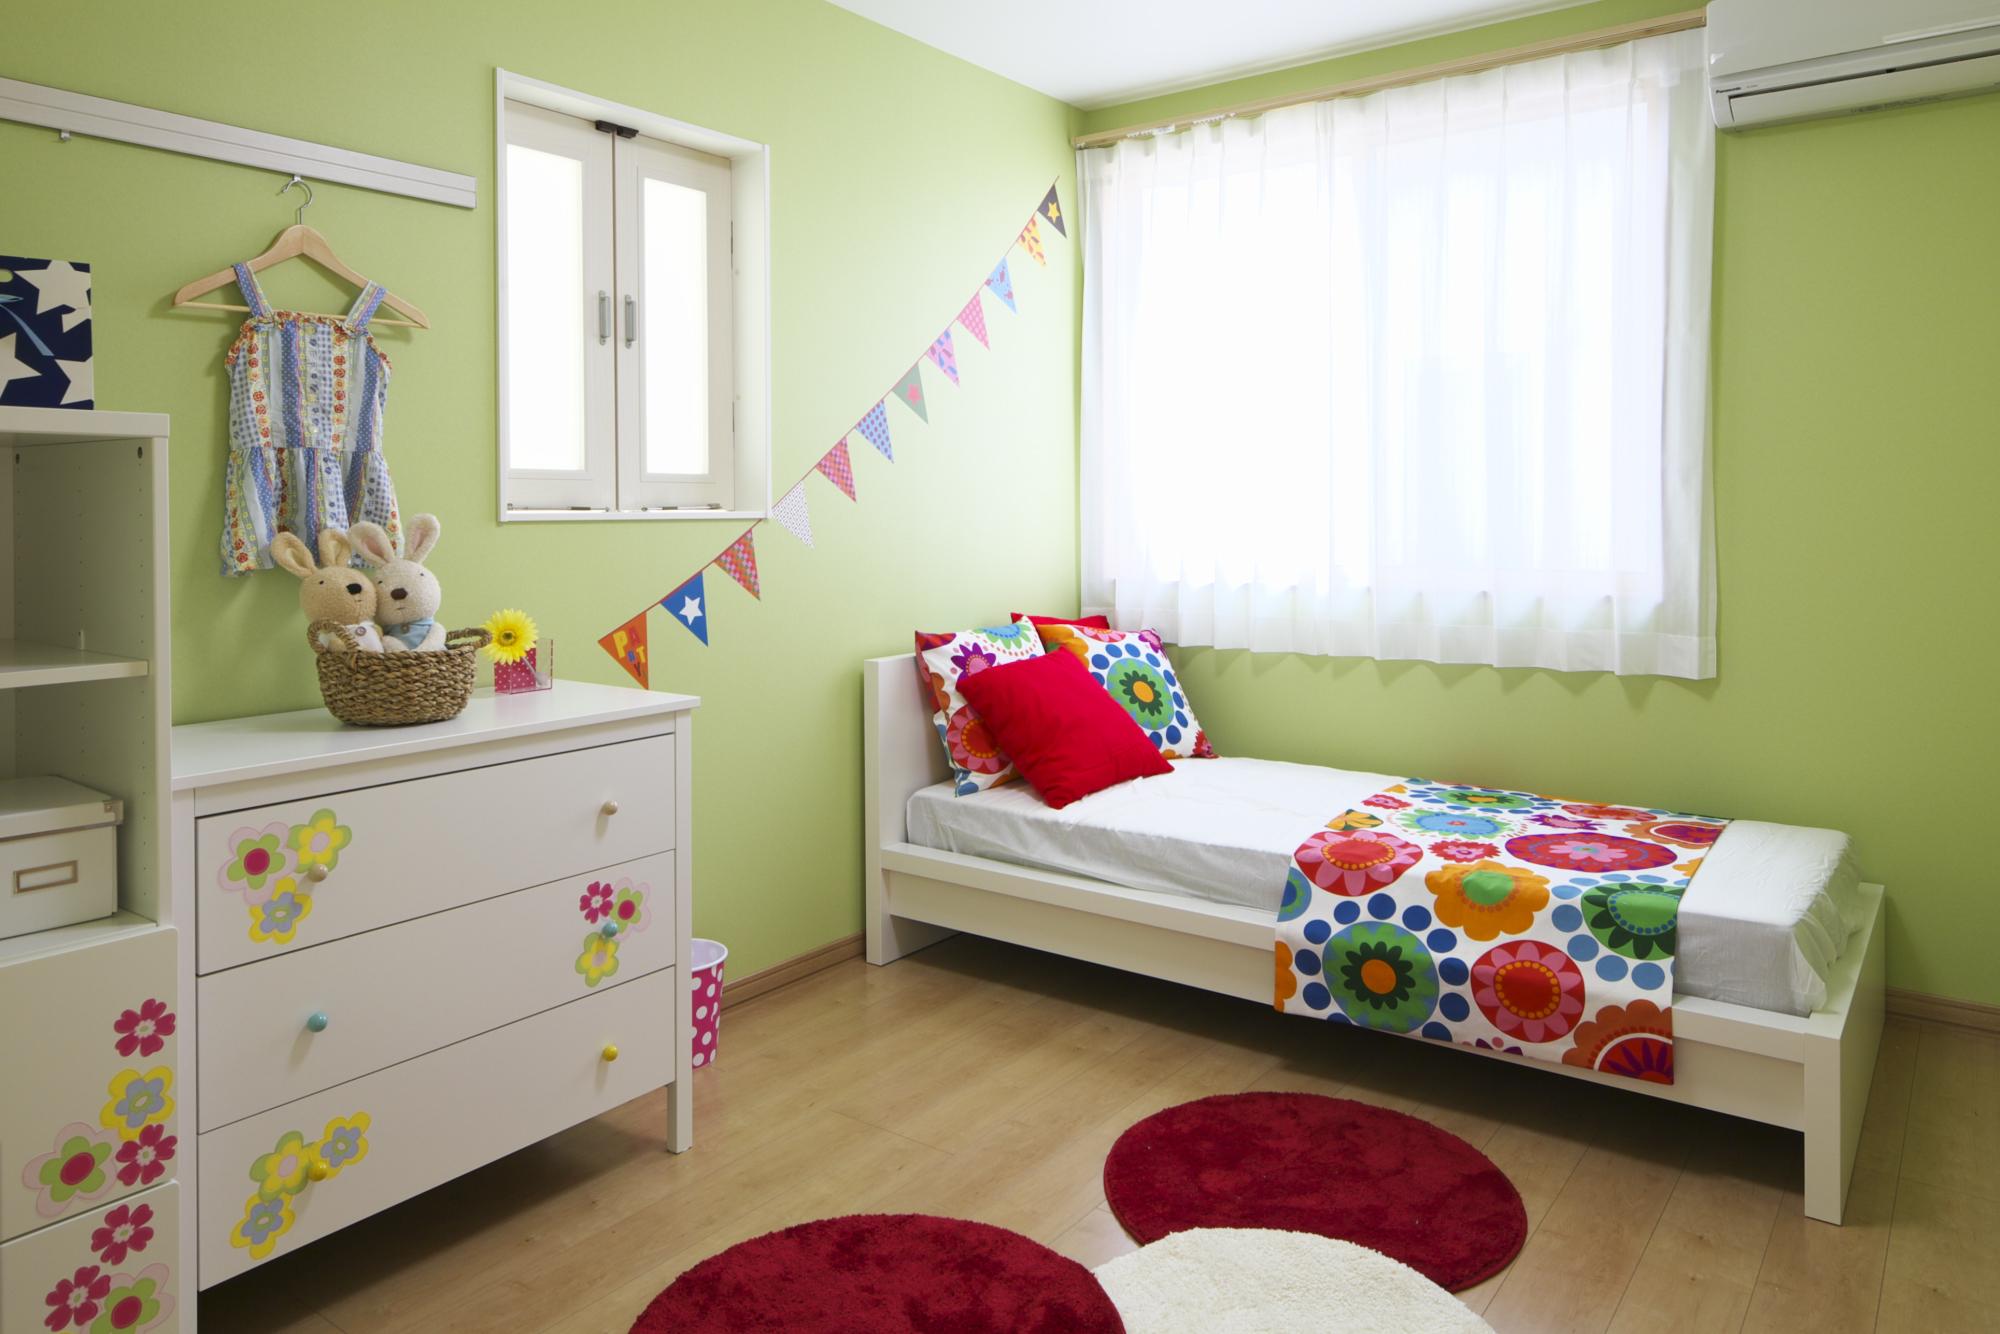 子供たちの元気な成長をサポート!子供部屋の風水を学ぼう!のサムネイル画像